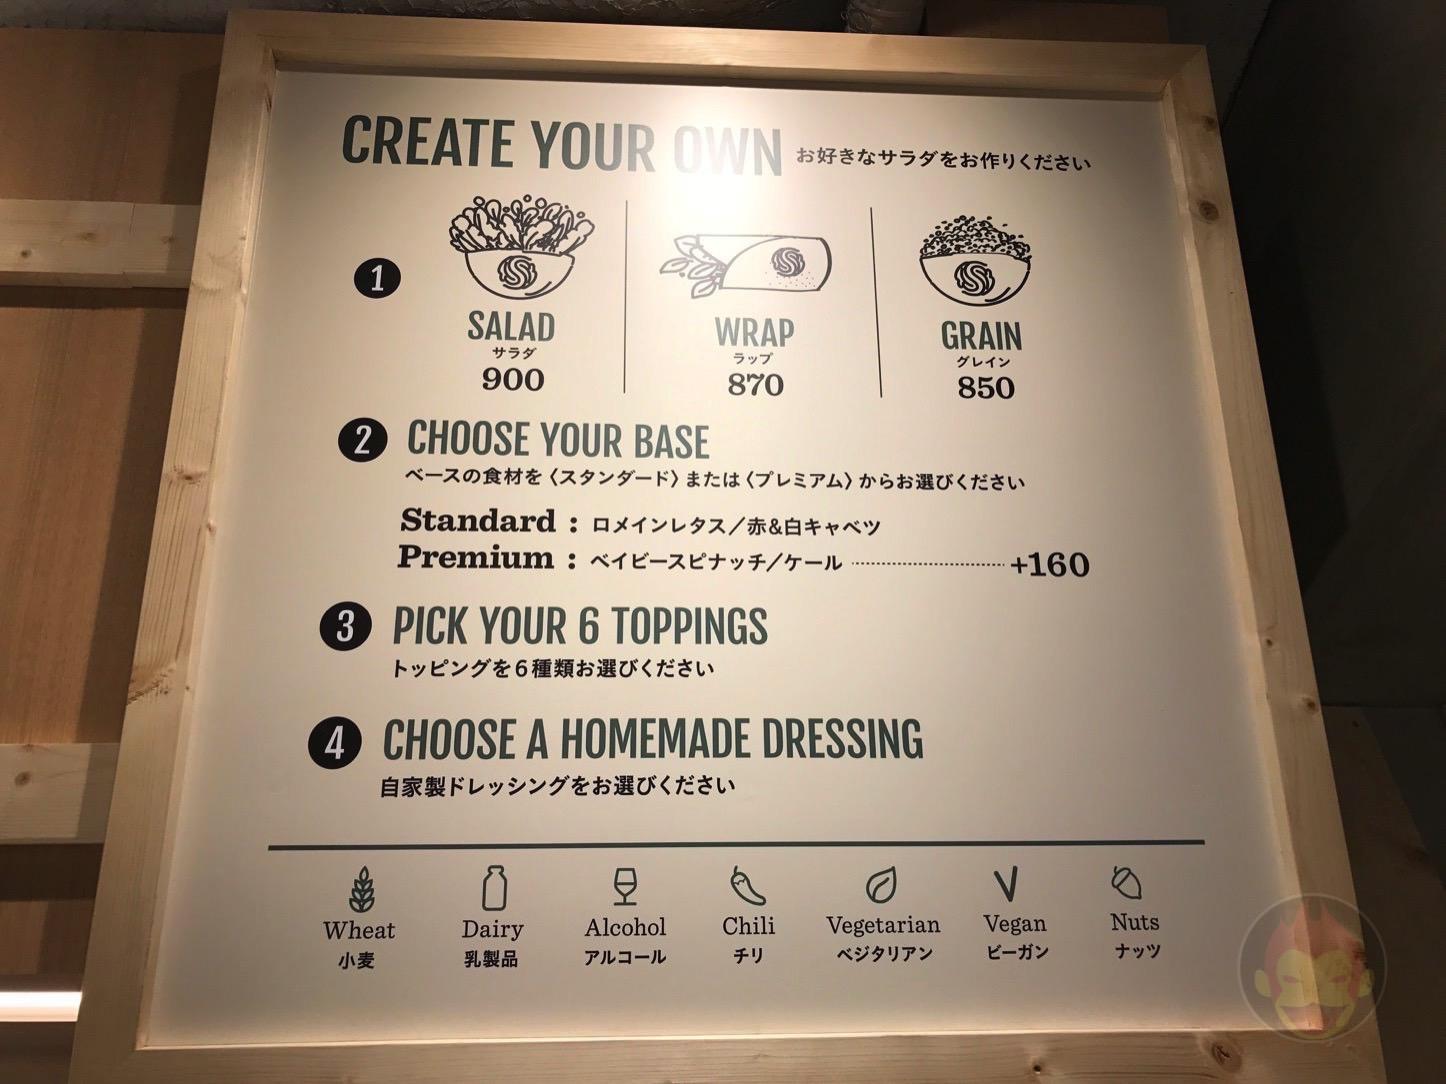 SaladStop-Omotesando-01.jpg